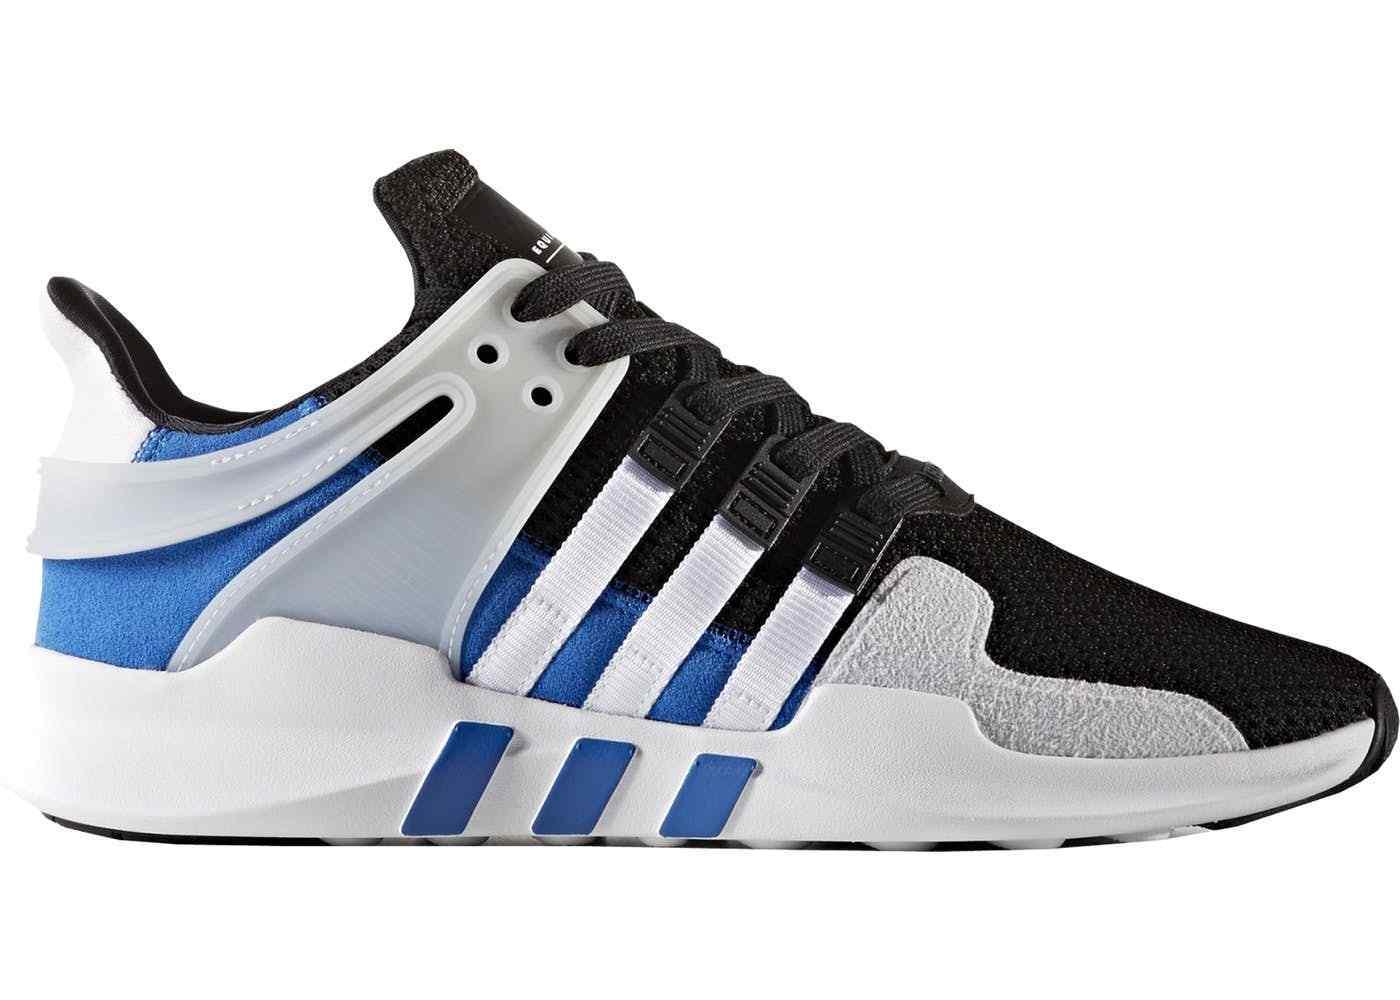 Adidas eqt unterstützung sind 10,5 weiß - blau größe 10,5 sind 2017 111991